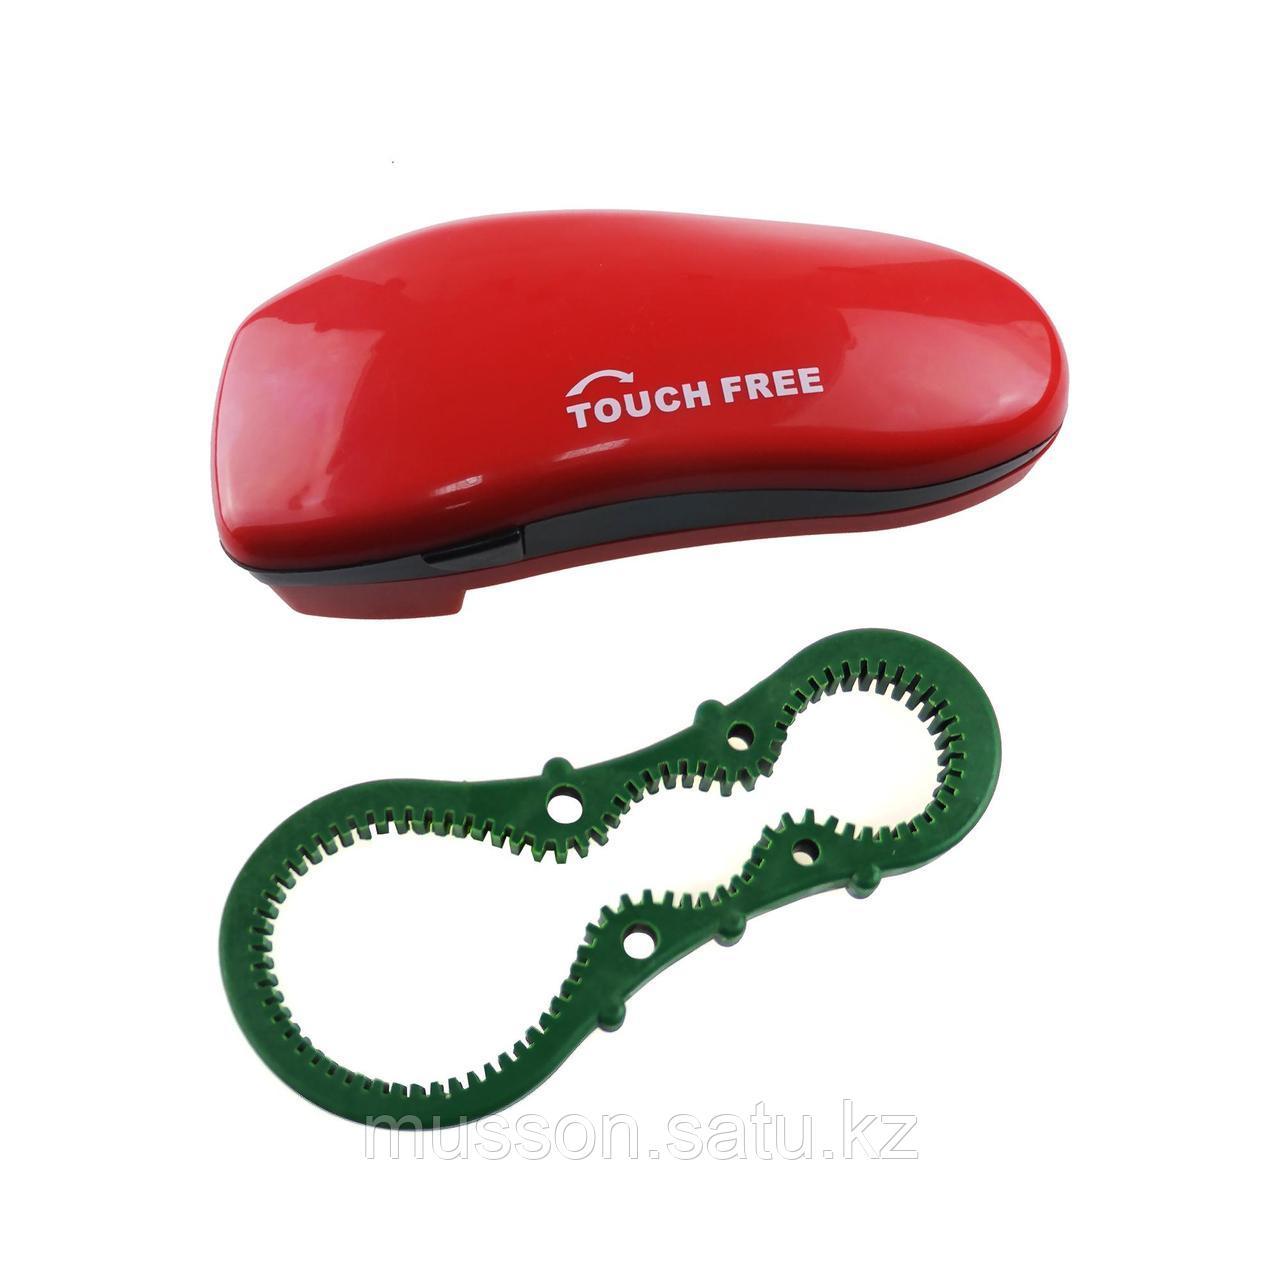 Электрический консервный нож с противоскользящим кольцом для открывания